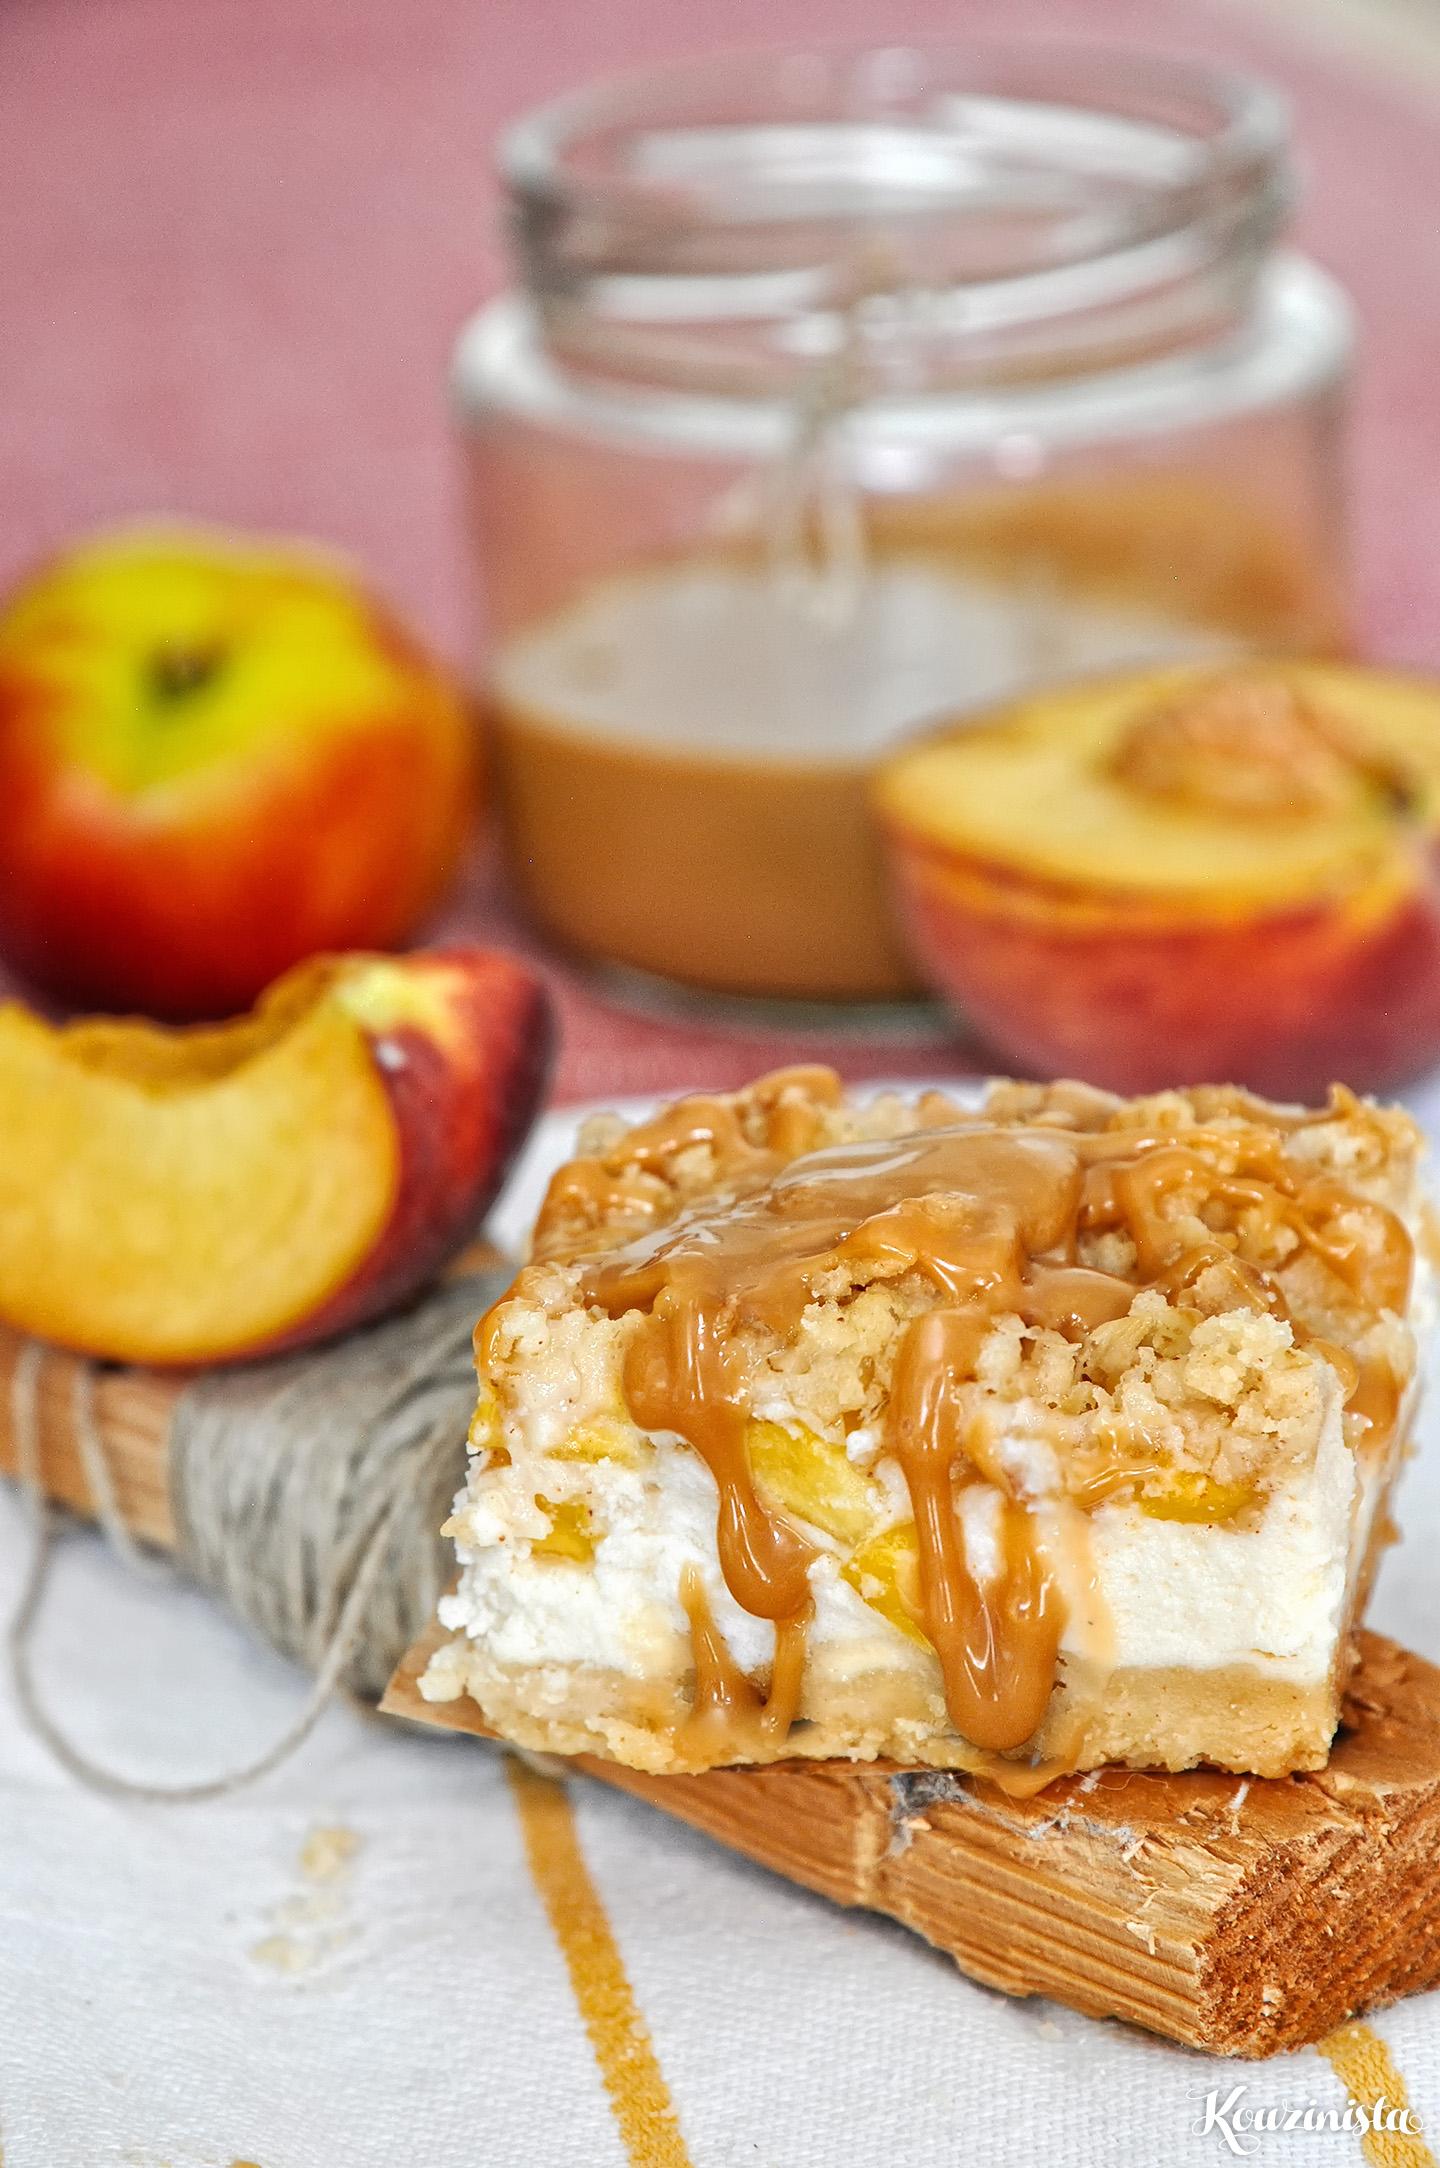 Τραγανές μπάρες με γιαούρτι, ροδάκινο & καραμέλα / Peach caramel greek yogurt crumb bars